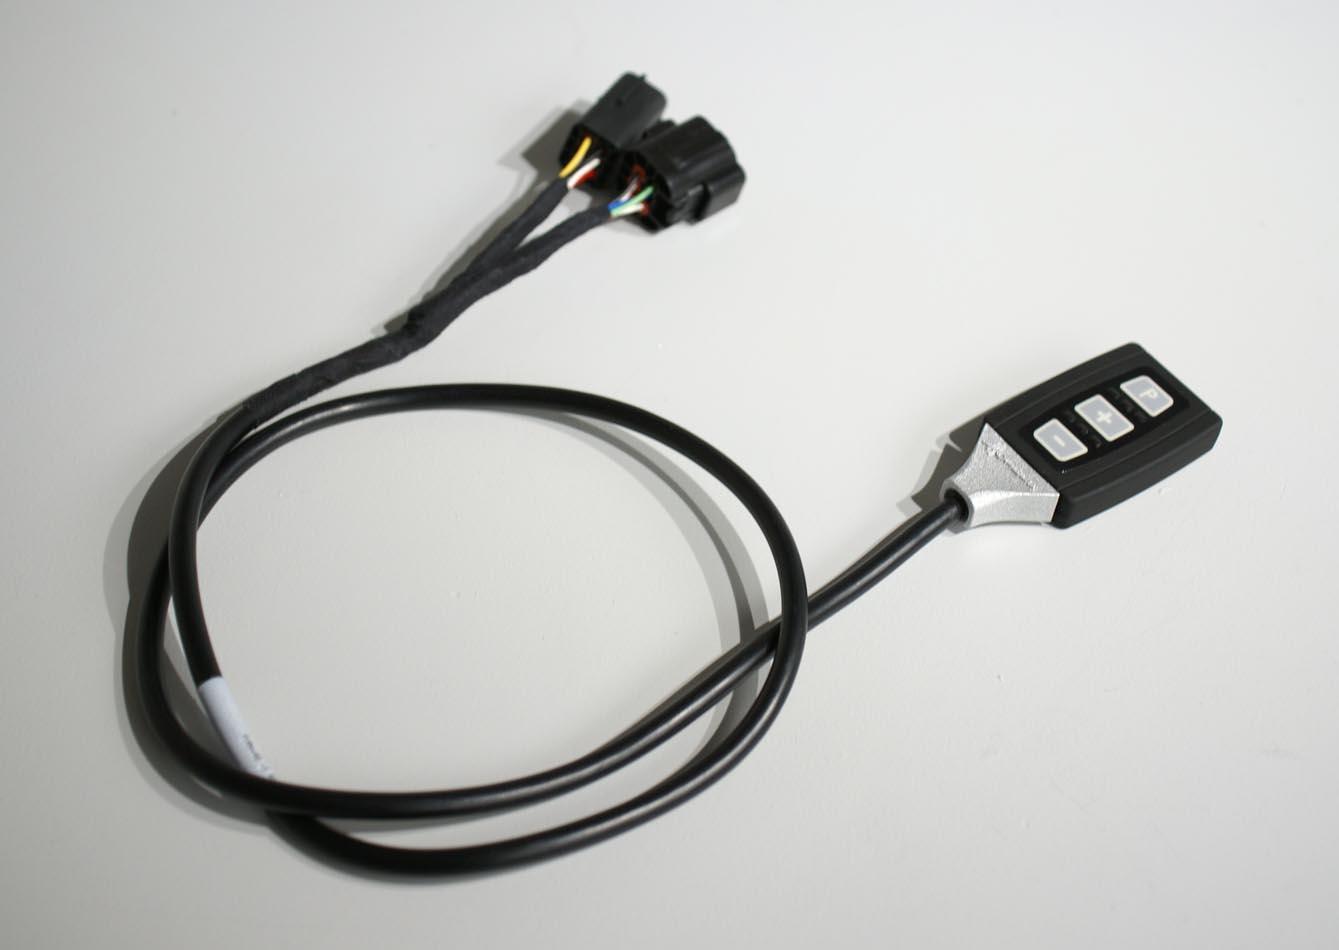 hofele powerpedal 2007 mercedes g klasse w463 g 55. Black Bedroom Furniture Sets. Home Design Ideas